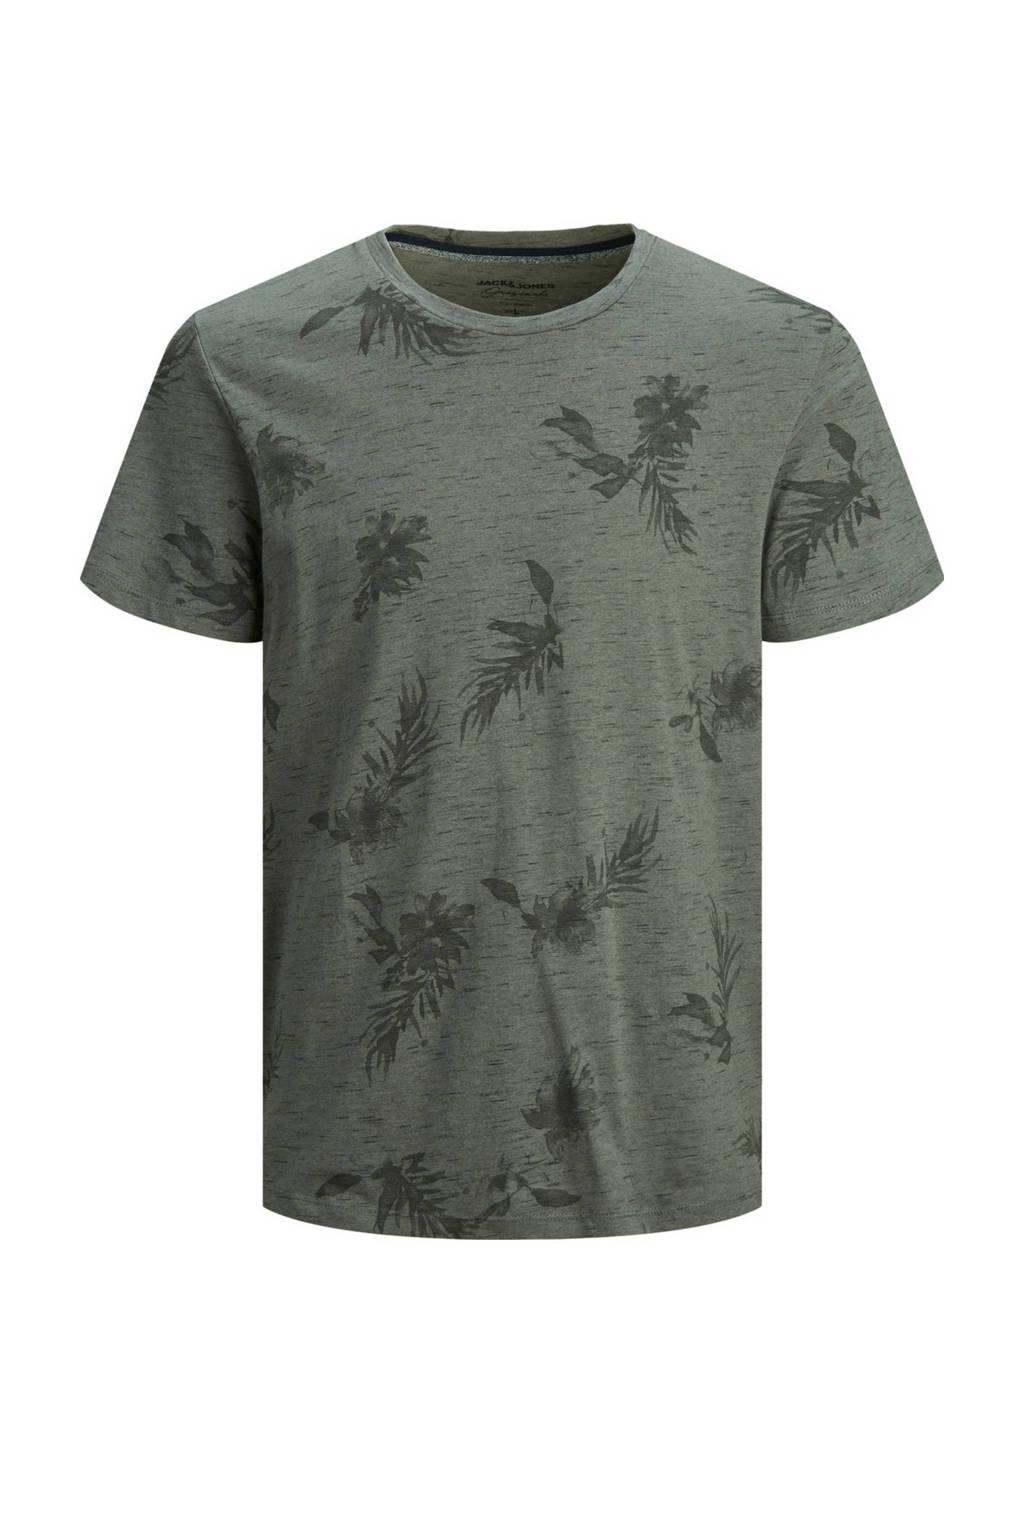 JACK & JONES PLUS SIZE T-shirt Plus Size met all over print grijs, Grijs